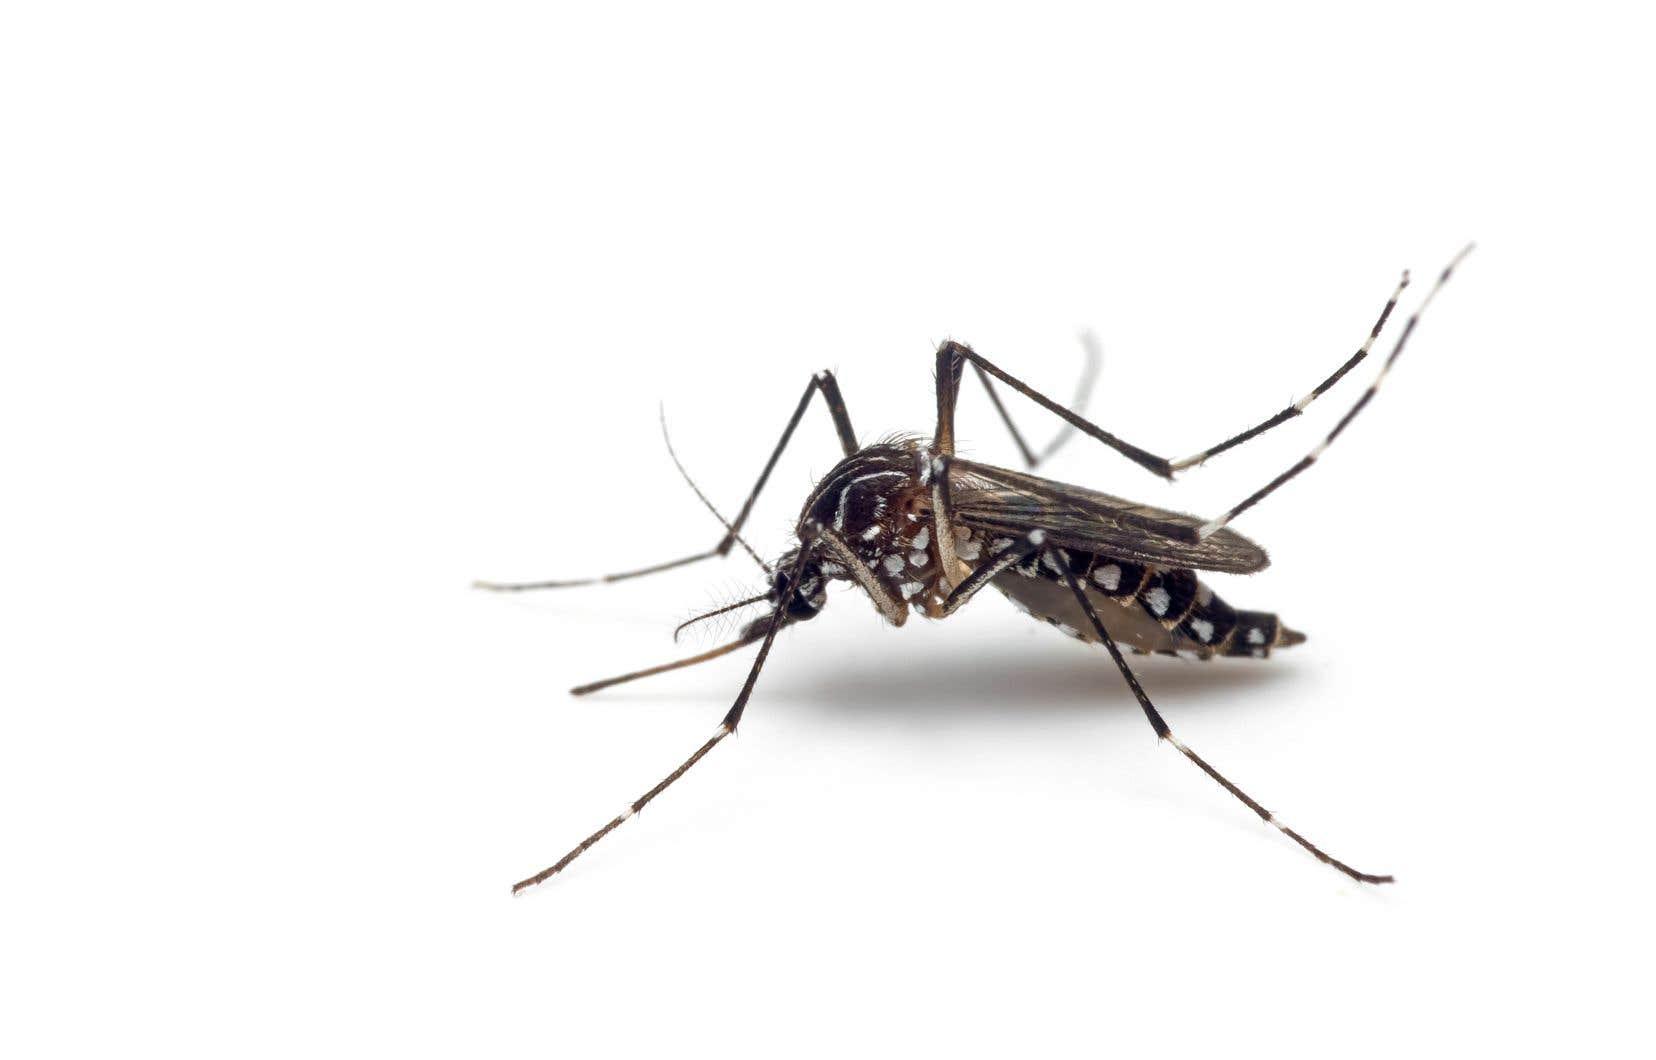 L'espèce «Aedes aegypti» se rapproche du Canada, voire du Québec. Mais on n'a pas à trop s'inquiéter, car les moustiques qui s'aventureraient ici rencontreraient une forte compétition puisque d'autres espèces de moustiques vivent au Québec.